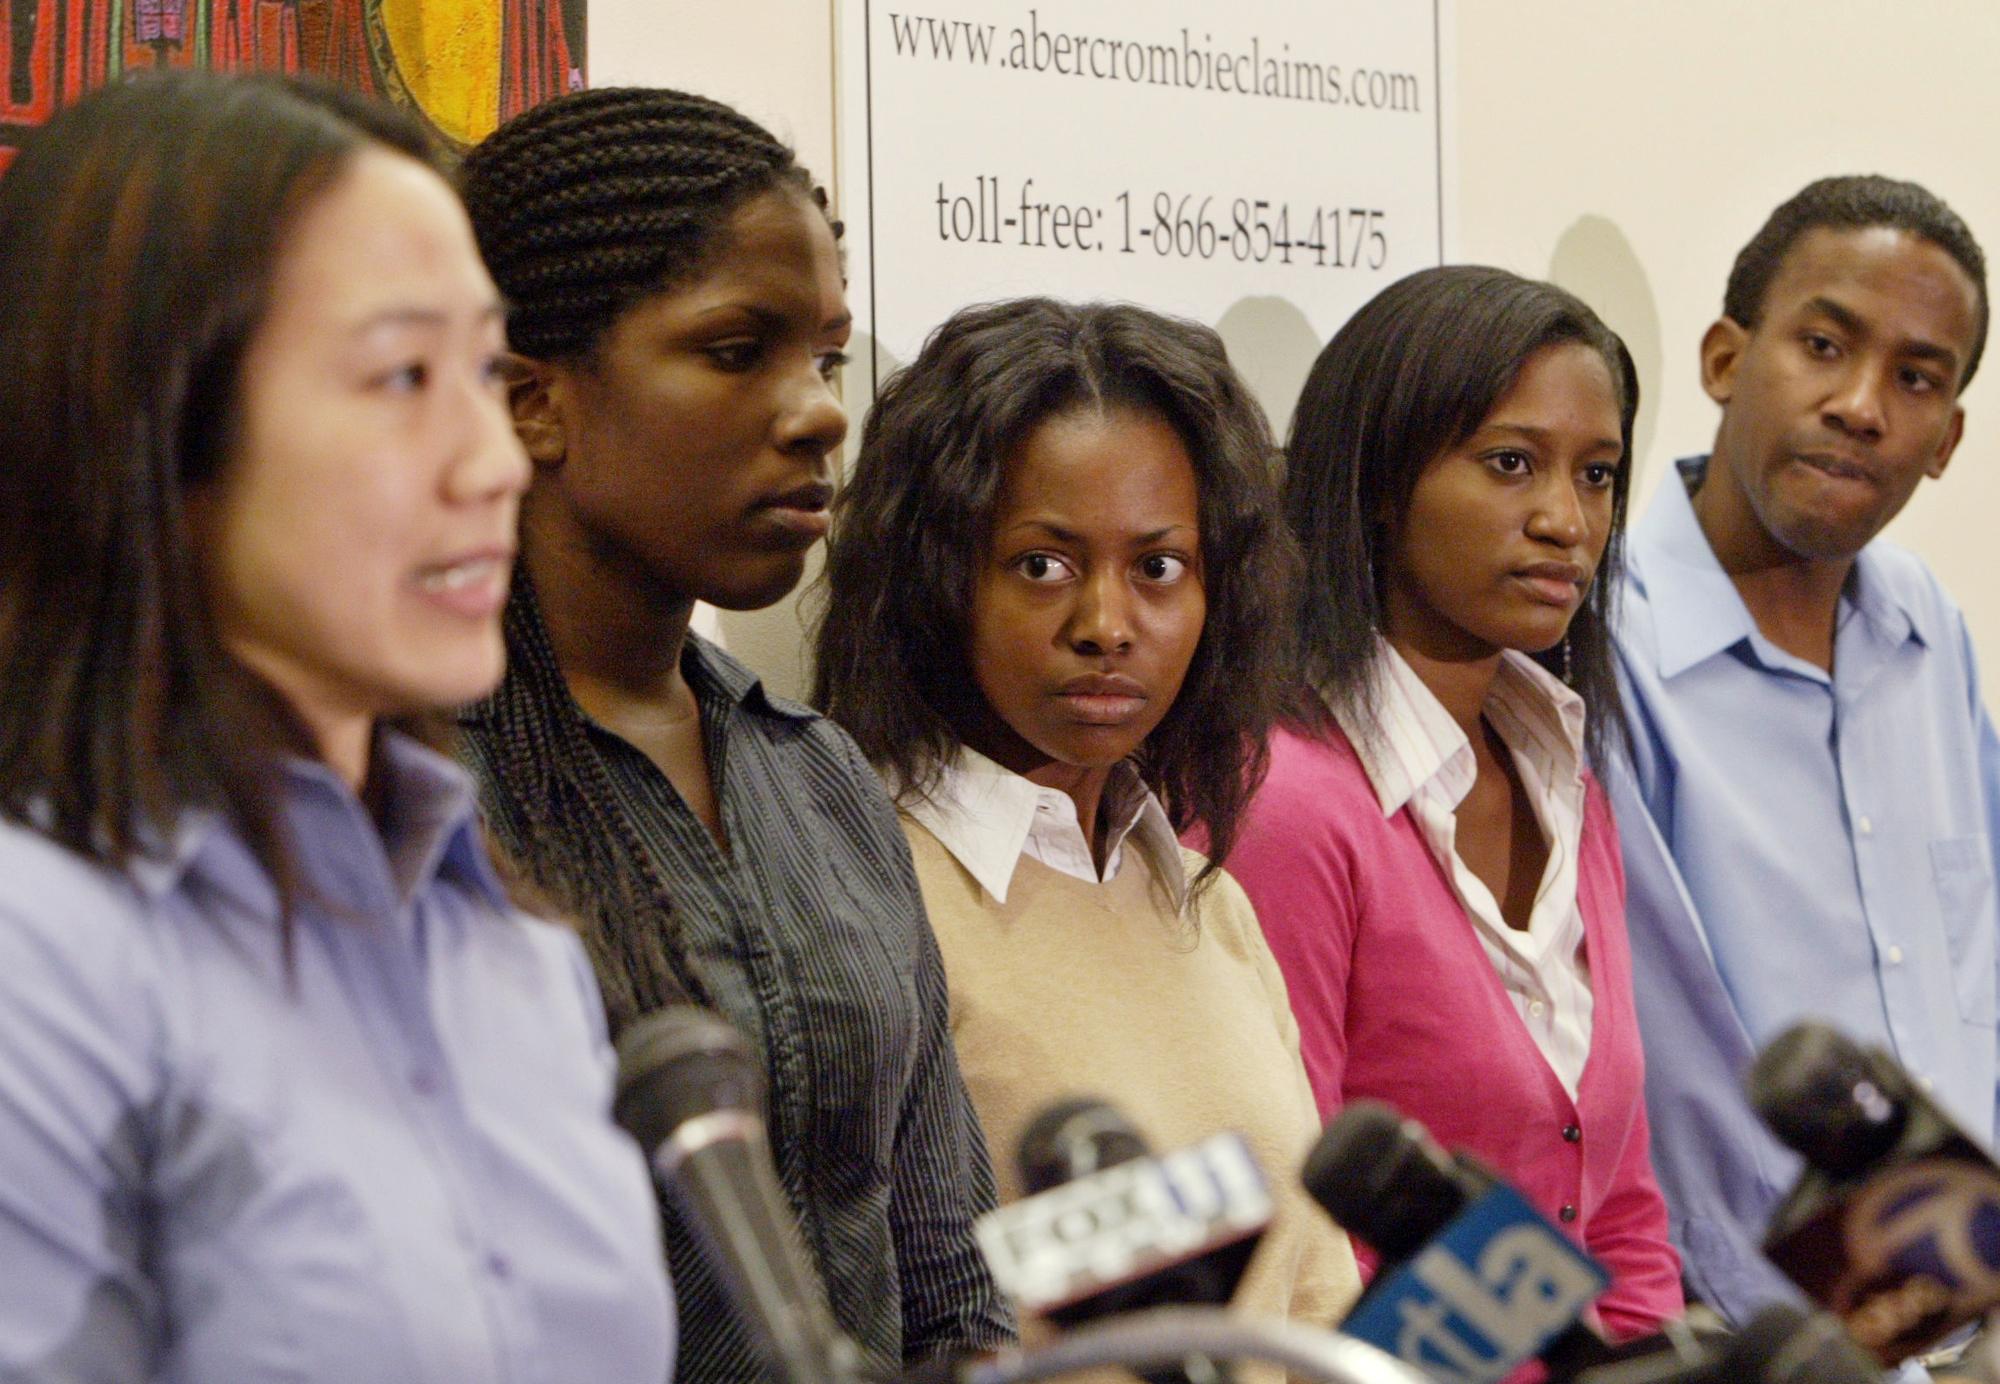 時年22歲的余珍妮(左)代表亞裔雇員控訴知名服裝品牌Abercrombie & Fitch。(美聯社)